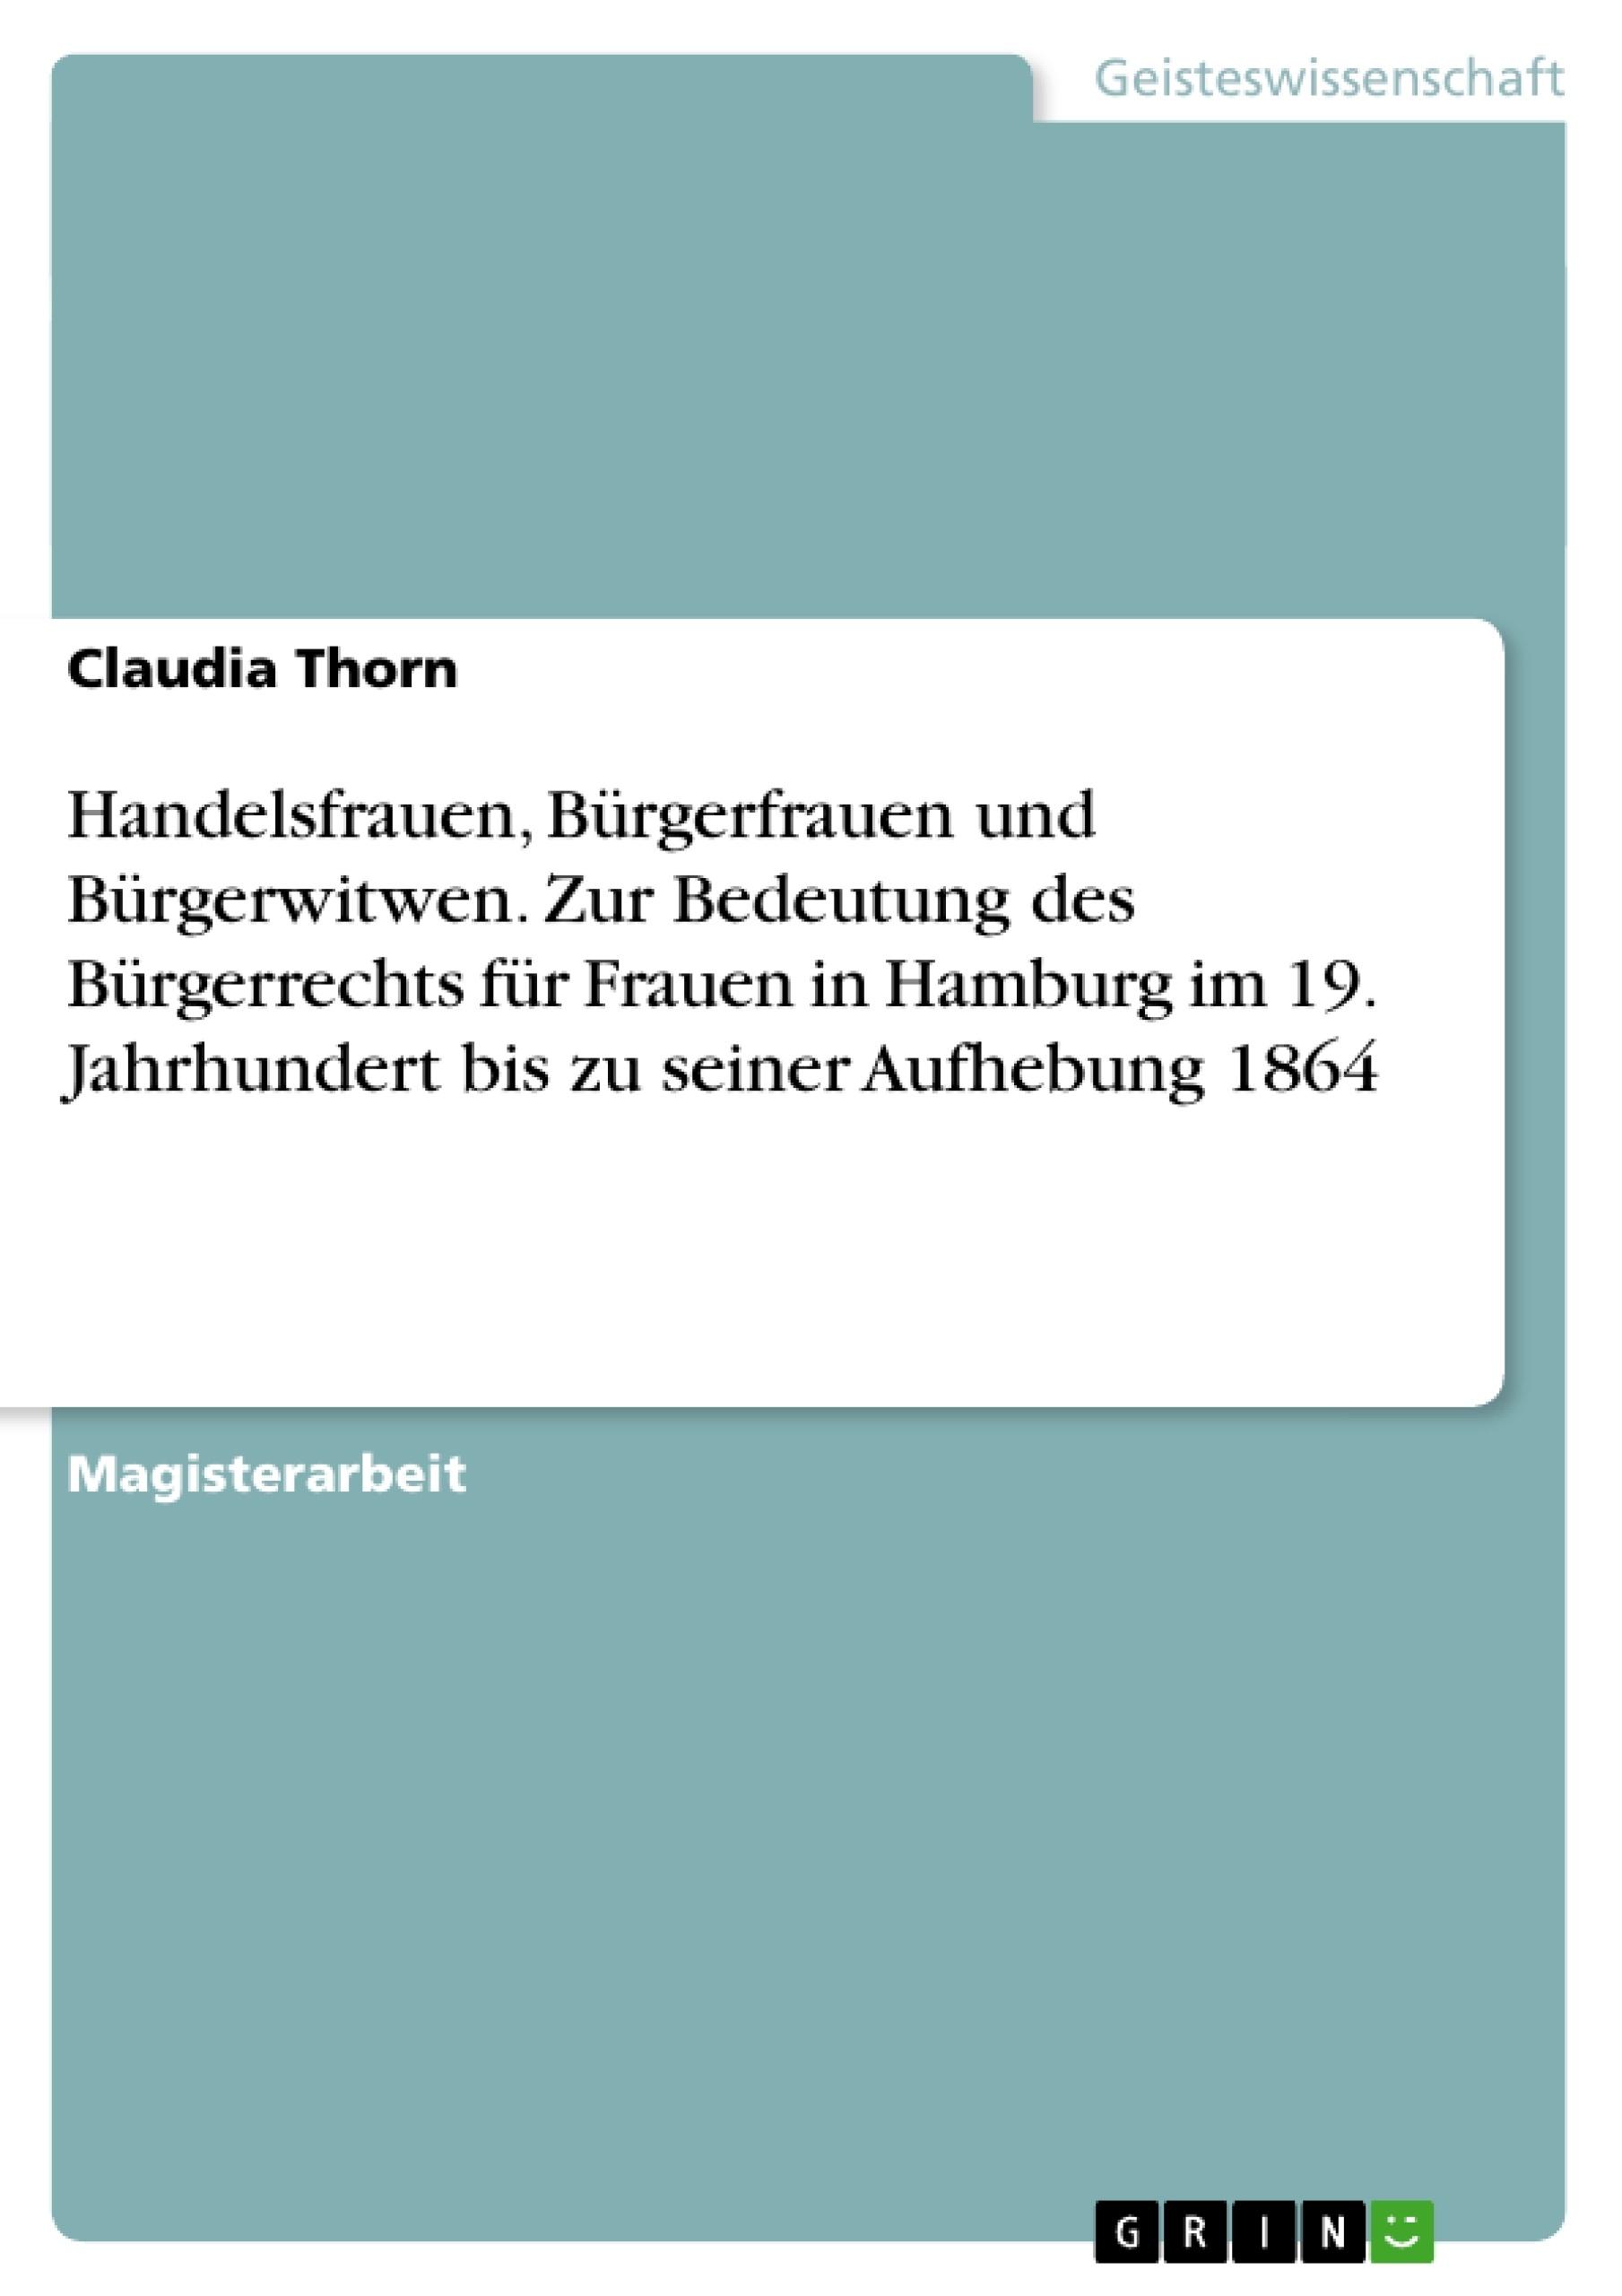 Titel: Handelsfrauen, Bürgerfrauen und Bürgerwitwen. Zur Bedeutung des Bürgerrechts für Frauen in Hamburg im 19. Jahrhundert bis zu seiner Aufhebung 1864